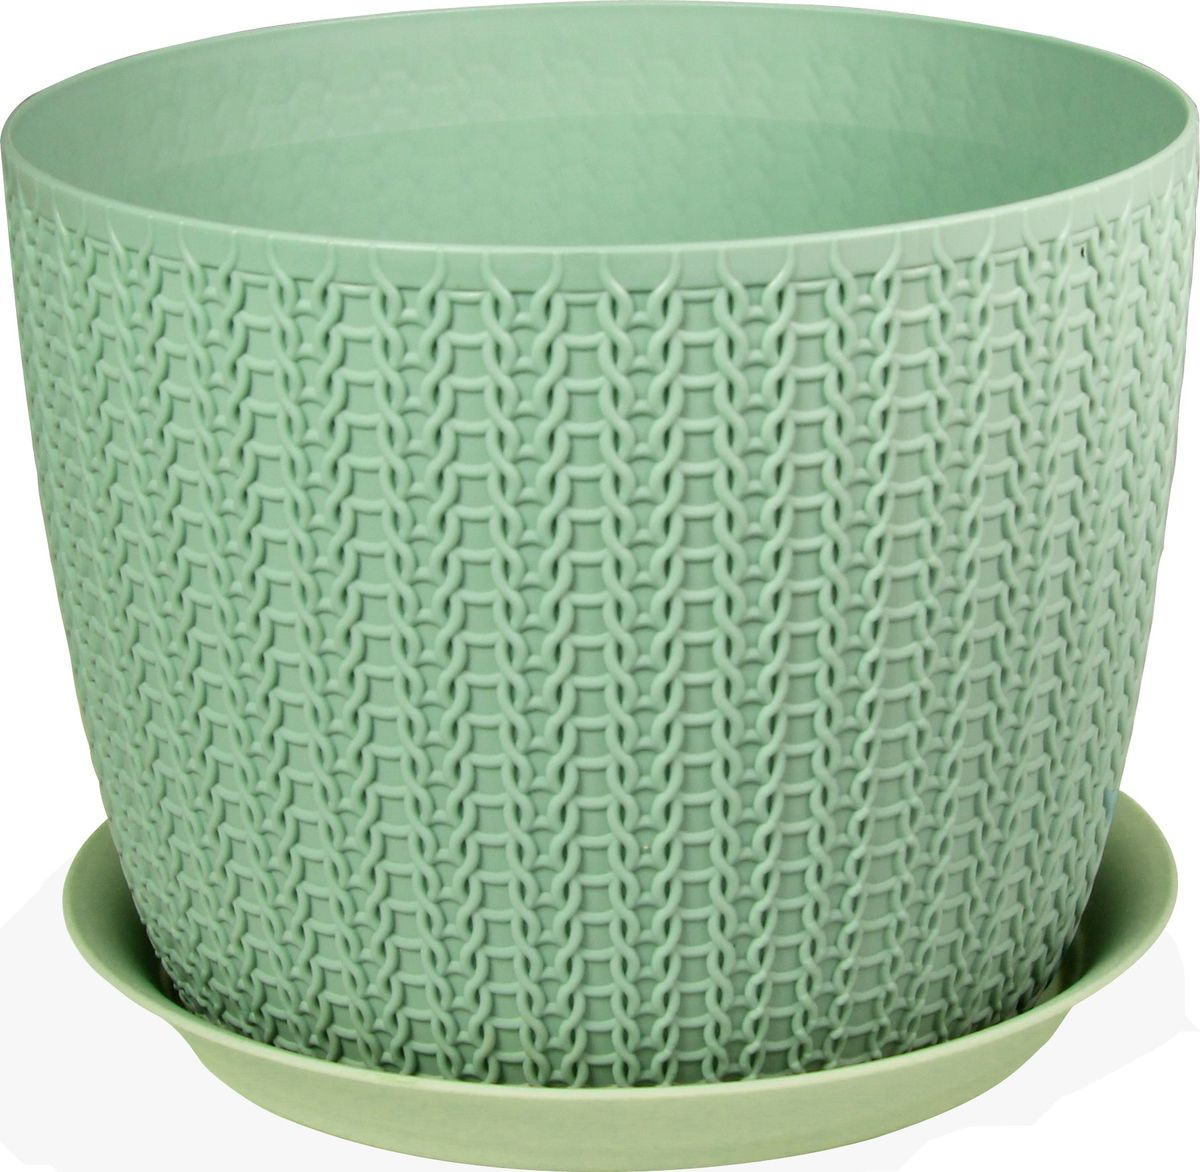 Кашпо Idea Вязание, с поддоном, цвет: фисташковый, диаметр 18 см250-1-bl-brКашпо Idea Вязание изготовлено из полипропилена (пластика). Специальная подставка предназначена для стока воды. Изделие прекрасно подходит для выращивания растений и цветов в домашних условиях.Диаметр кашпо: 18 см. Высота кашпо: 14 см. Объем кашпо: 2,8 л.